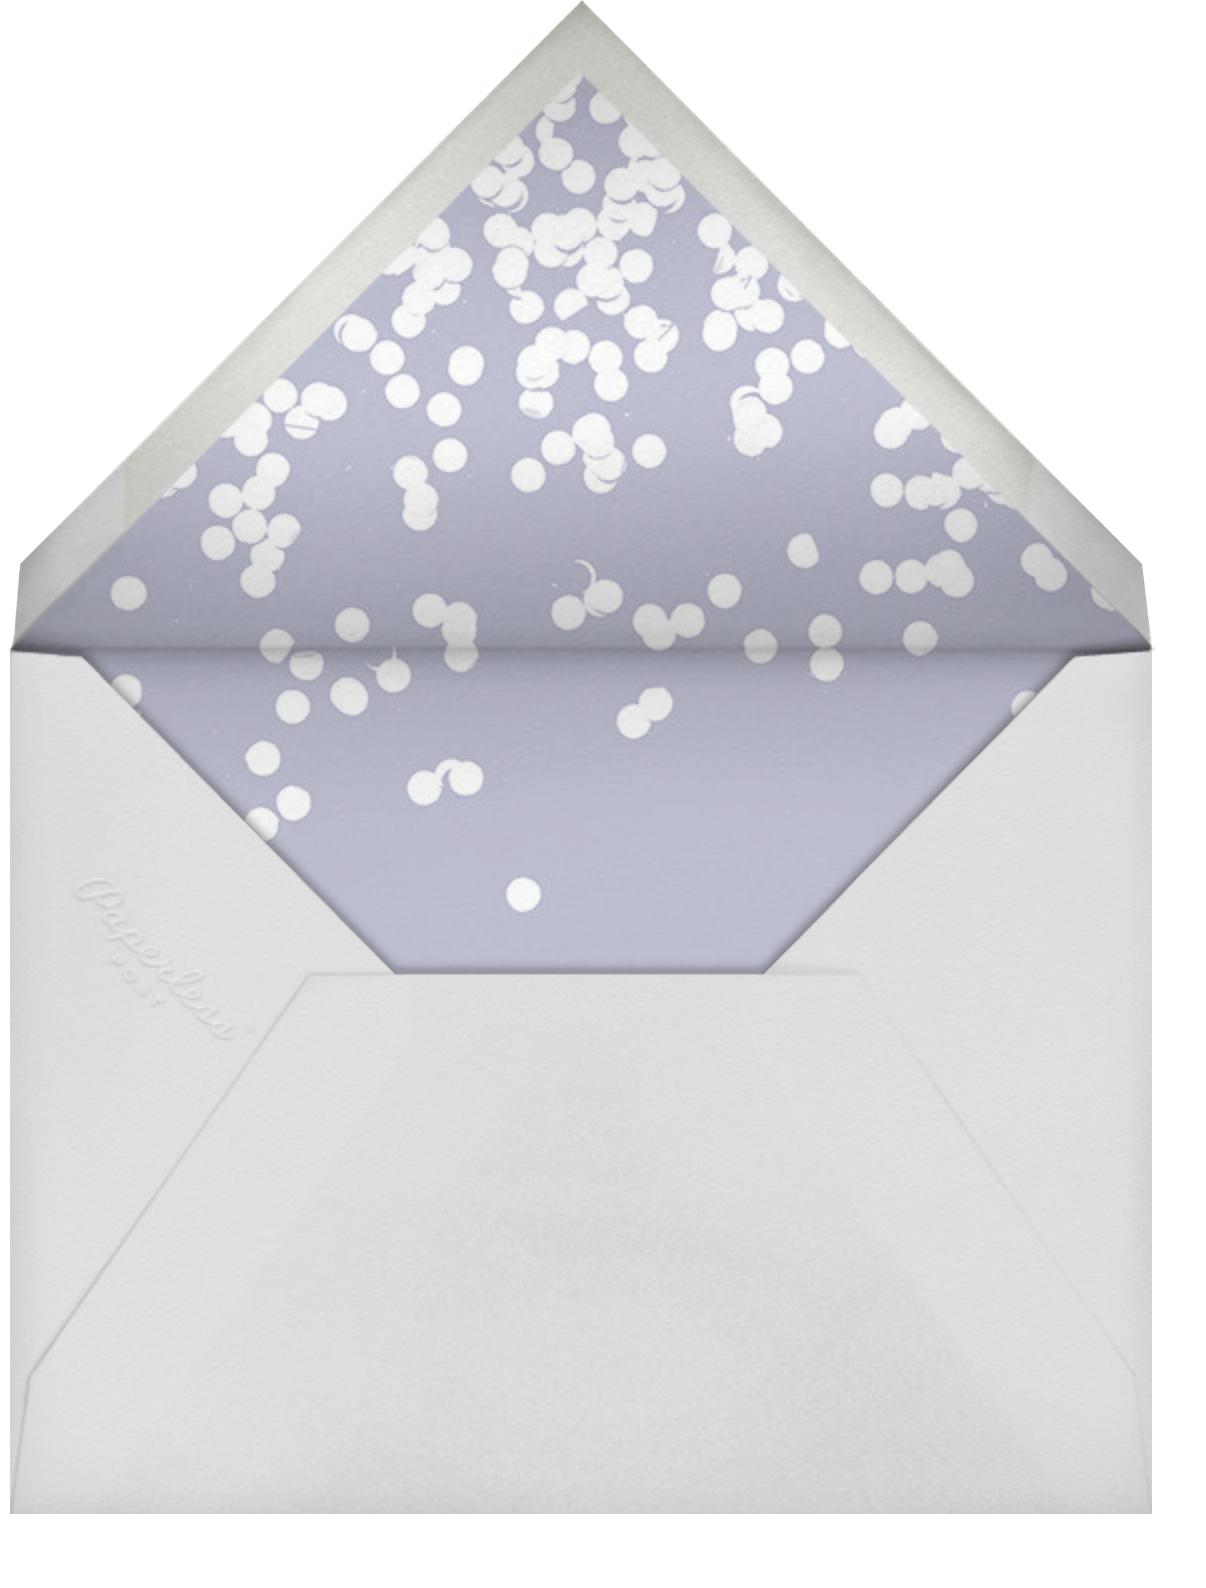 Exuberant - Gold - Kelly Wearstler - Adult birthday - envelope back